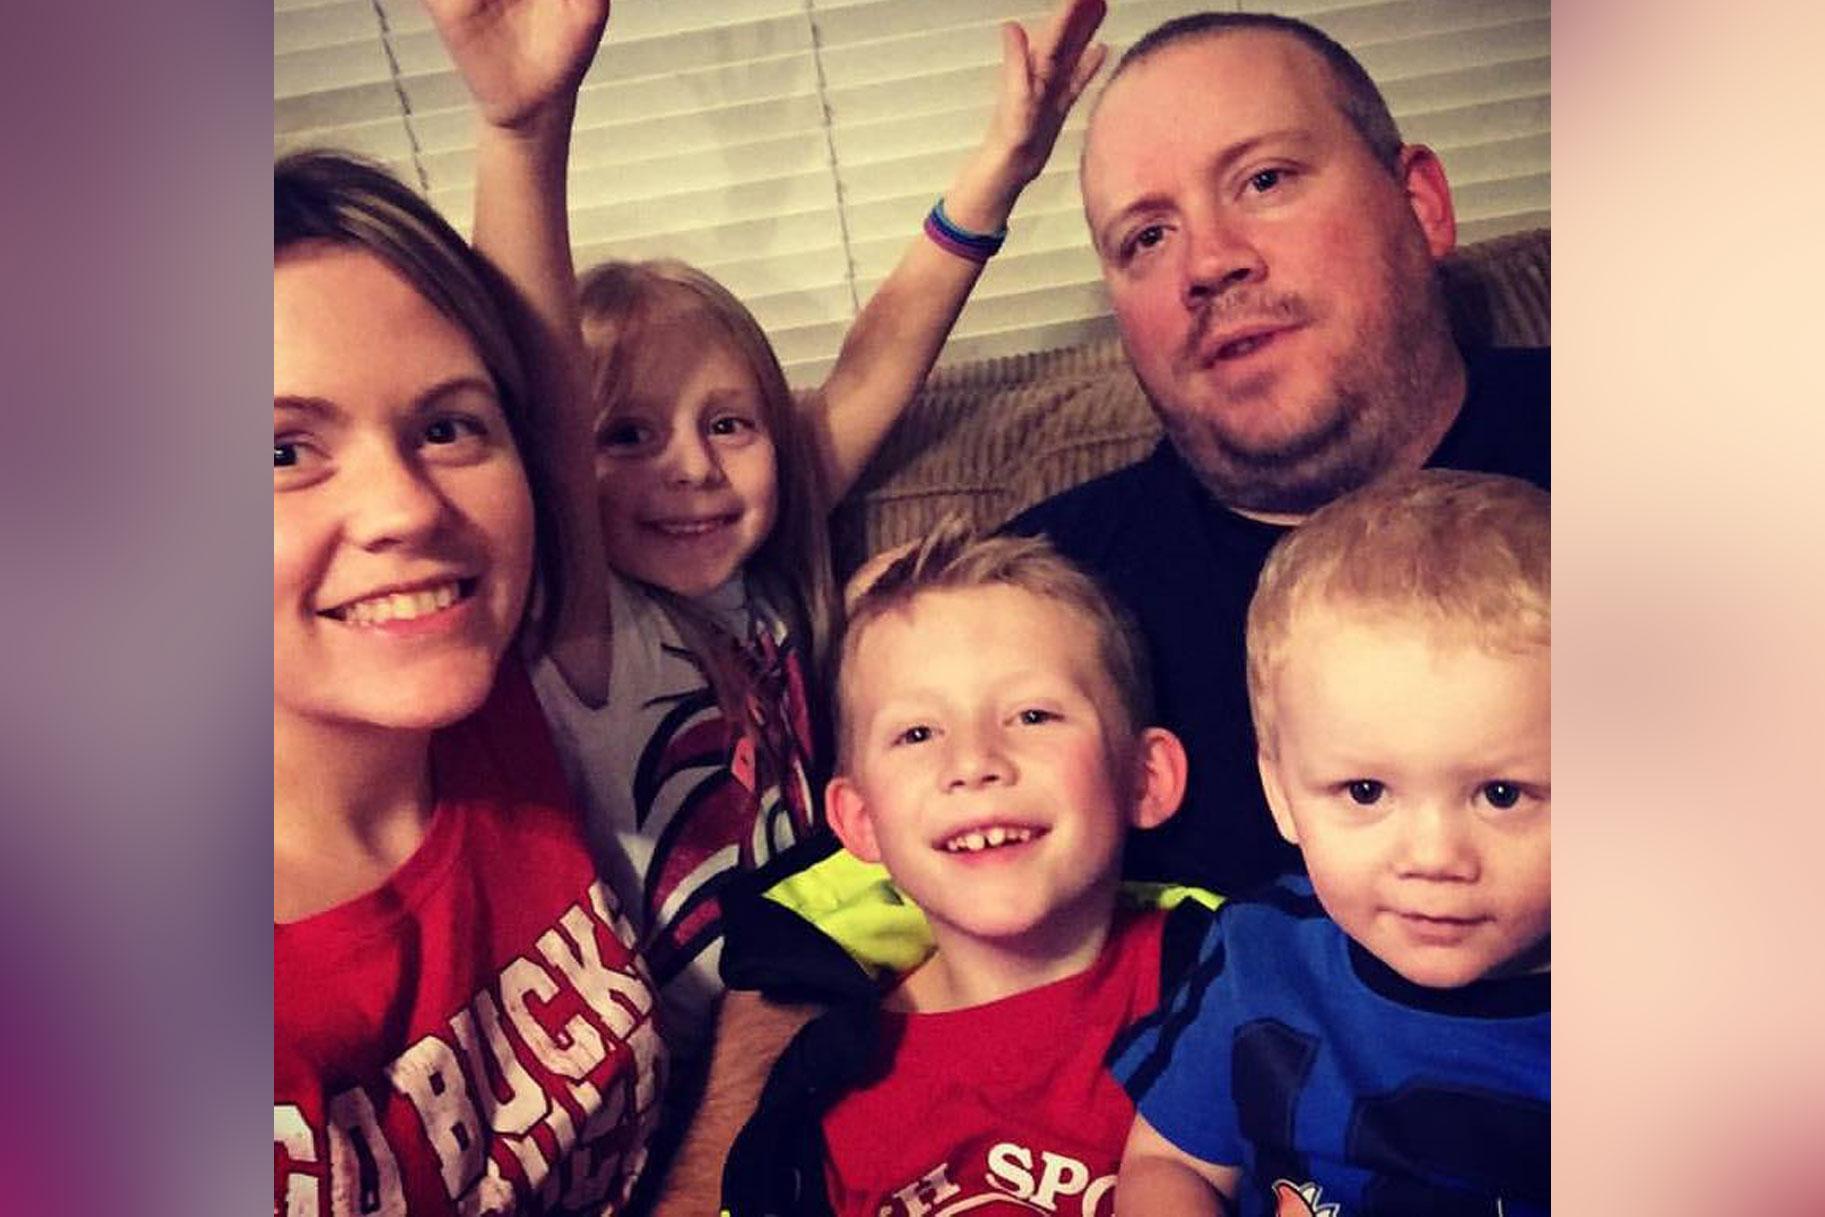 Muškarac iz Ohaja ubio je suprugu i troje djece prije nego što se ubio, kaže policija